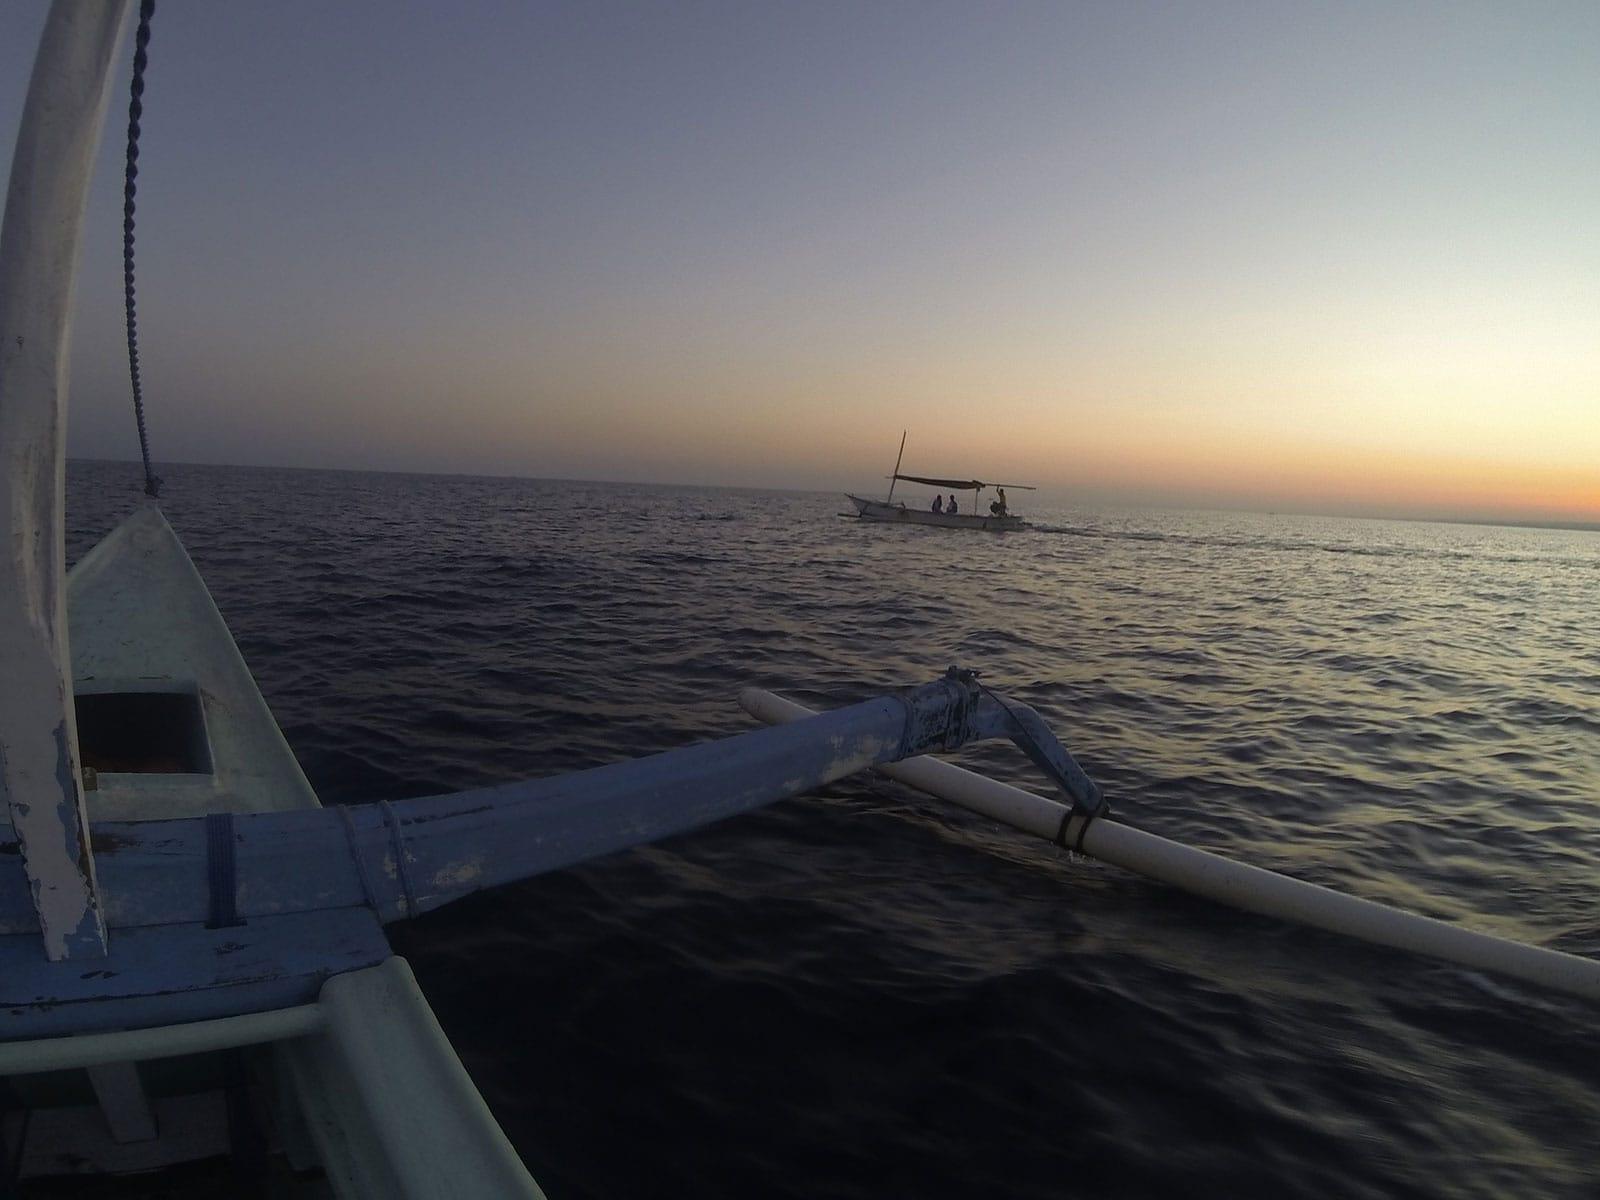 Tijdens zonsopgang op zee